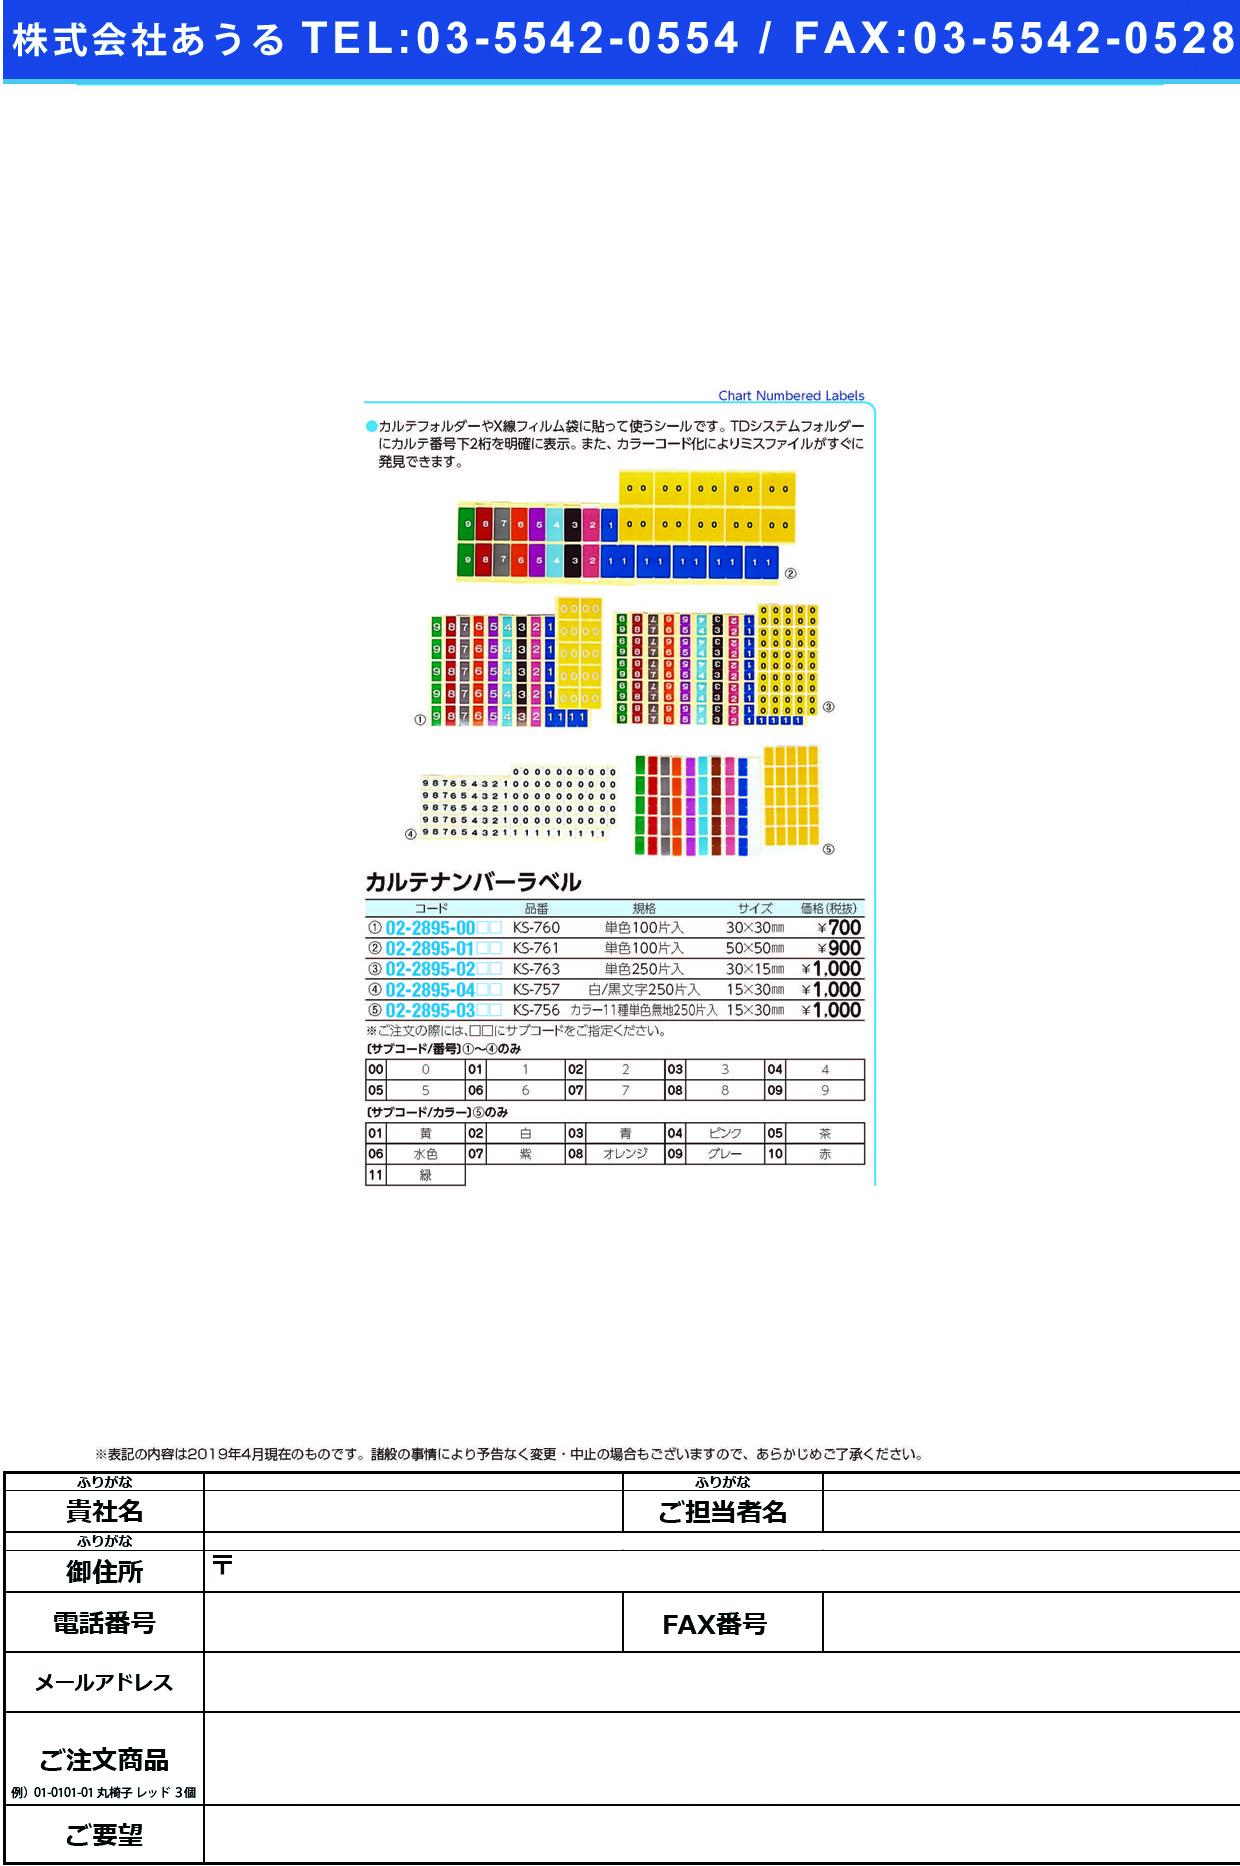 (02-2895-04)カルテナンバーラベル KS-757(15X30MM)250イリ カルテナンバーラベル 番号指定:4(ケルン)【1袋単位】【2019年カタログ商品】